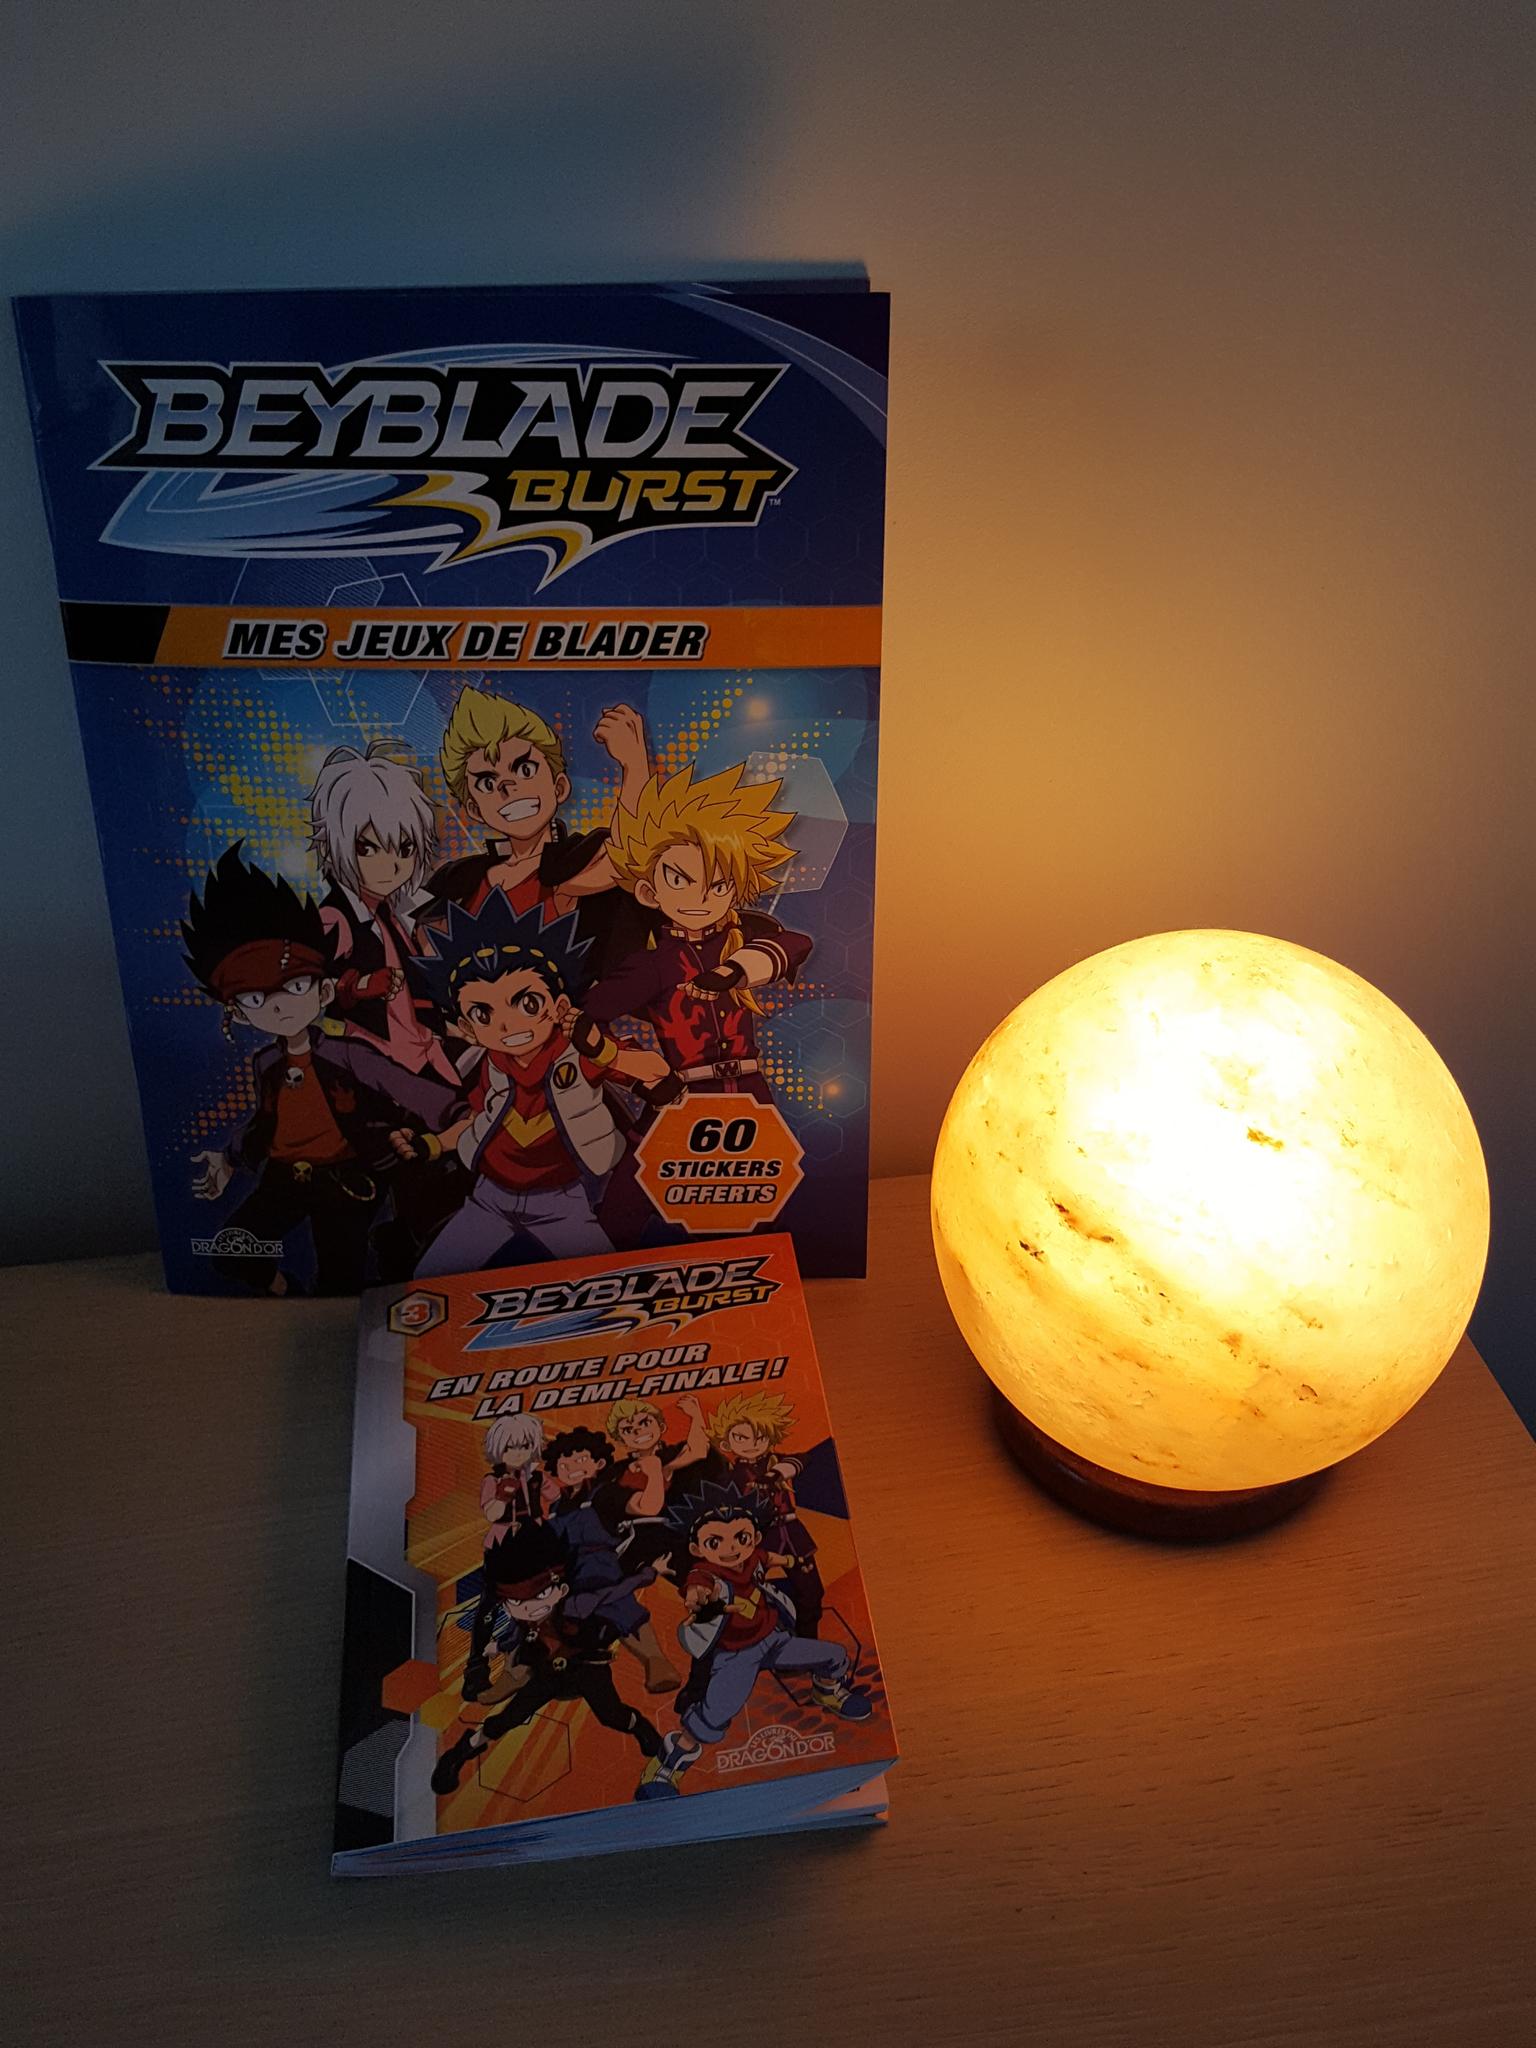 Le magazine Beyblade Burst : mes jeux de blader et le livre de poche Beyblade Burst : en route pour la finale